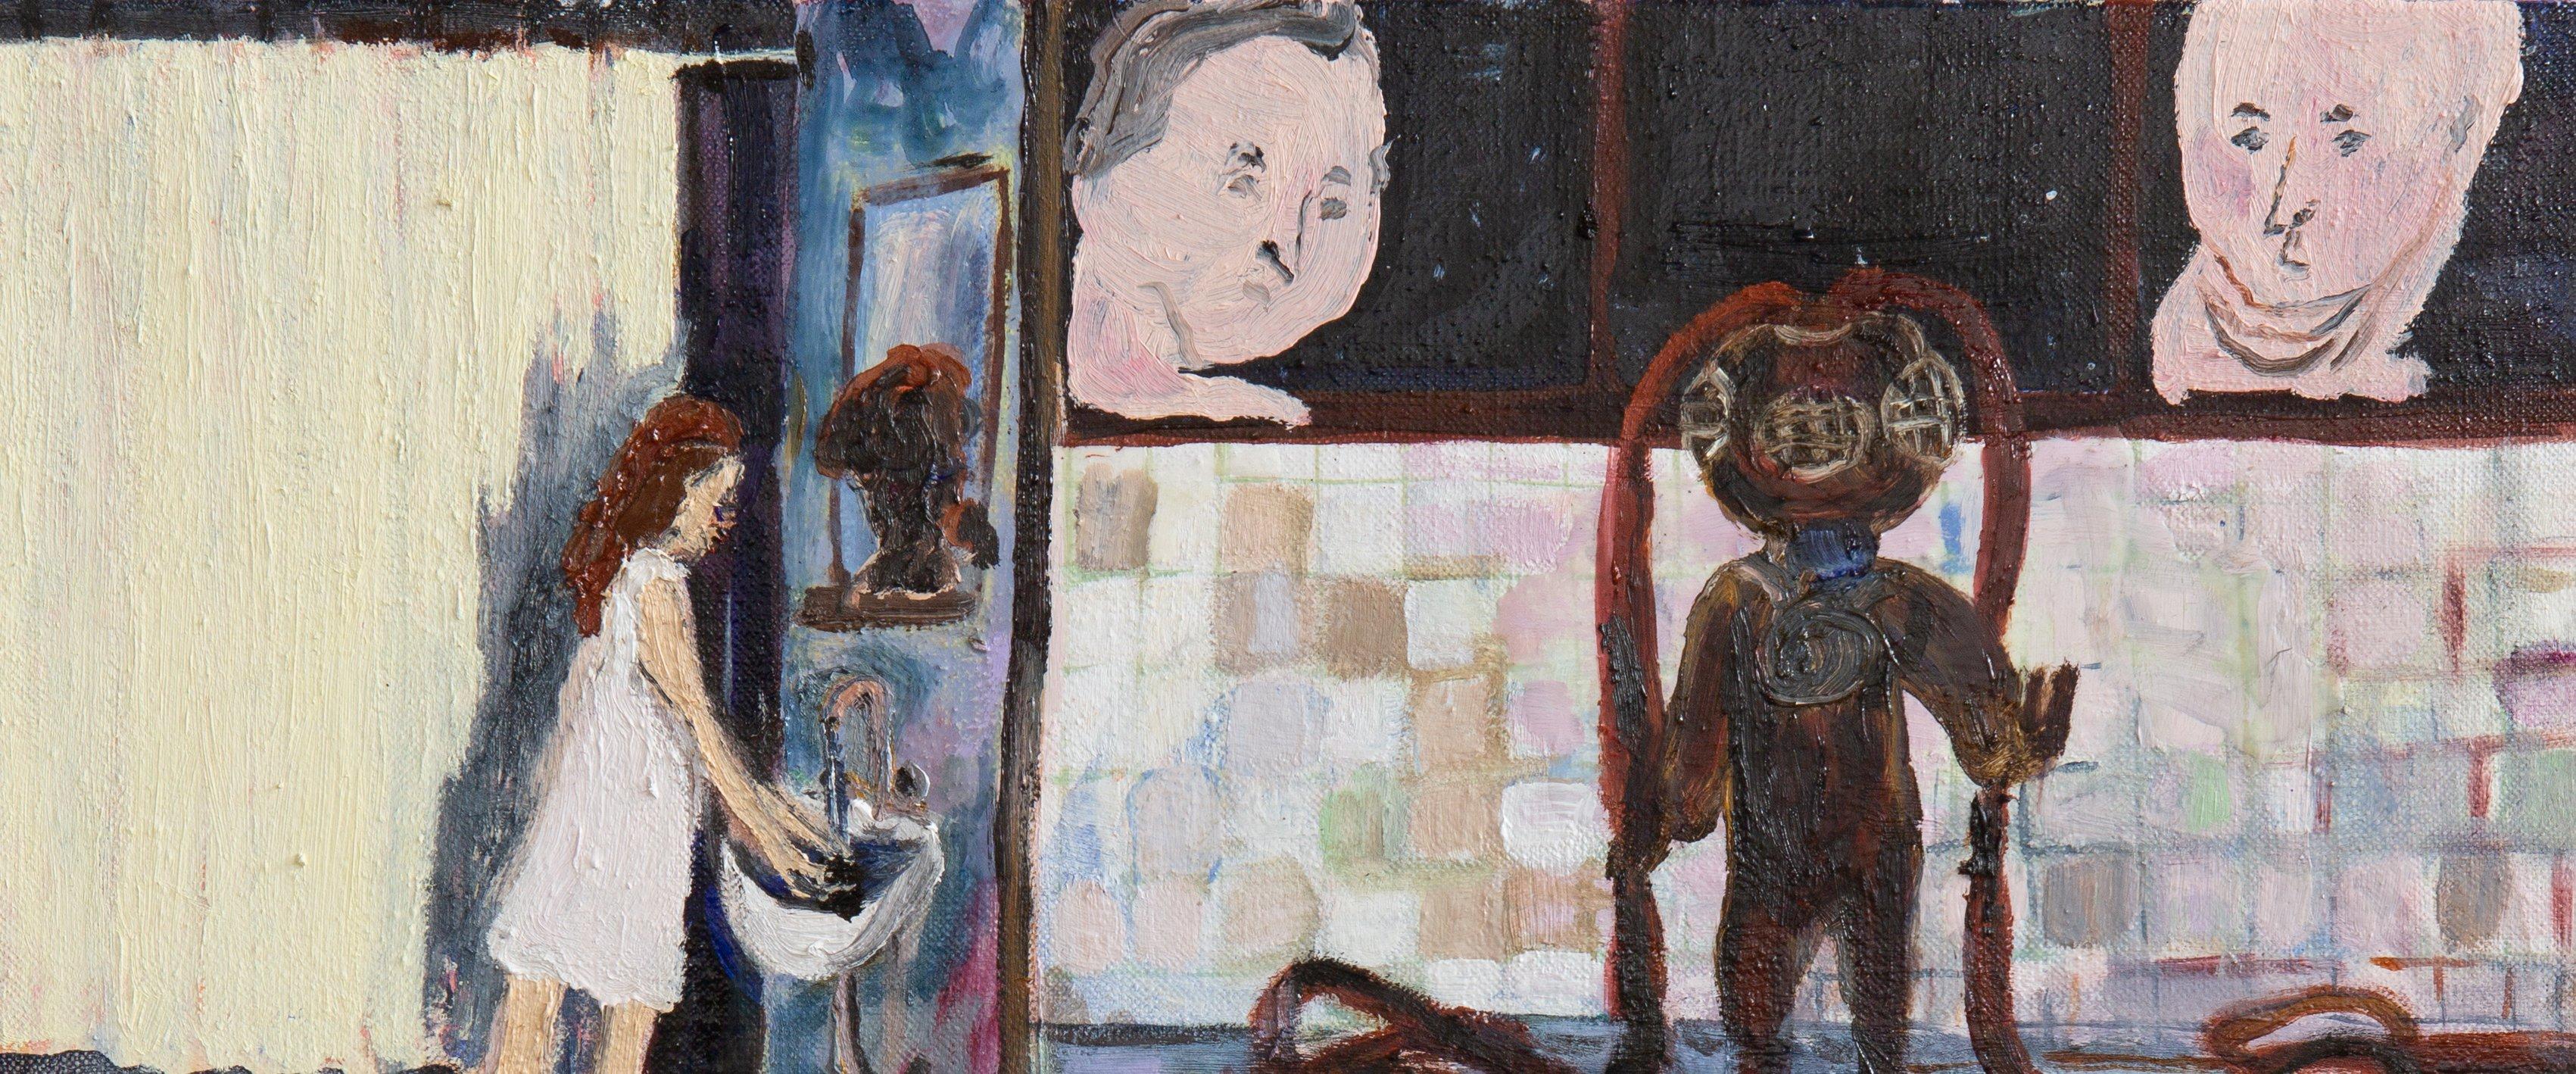 Yksityiskohta taidemaalari Eeva Peuran teoksesta.